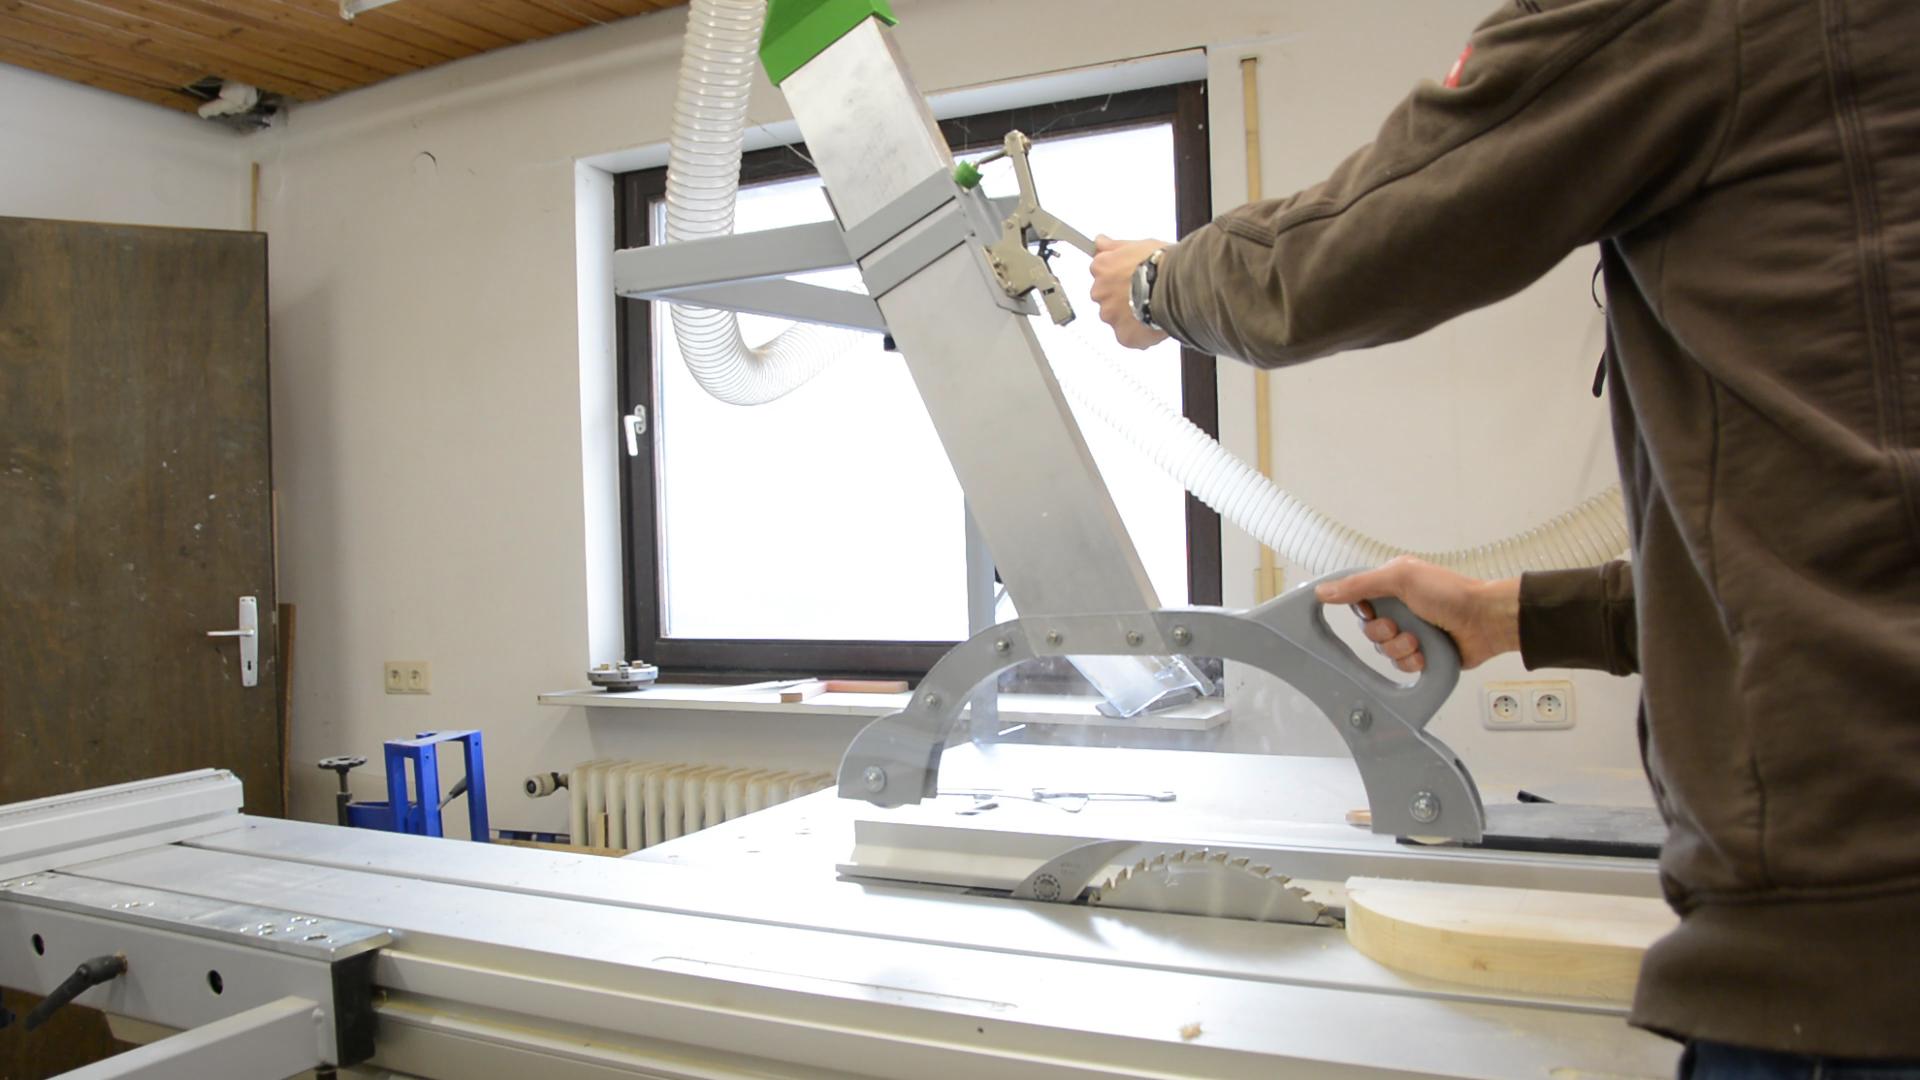 diy tablesaw overhead blade guard - way of wood